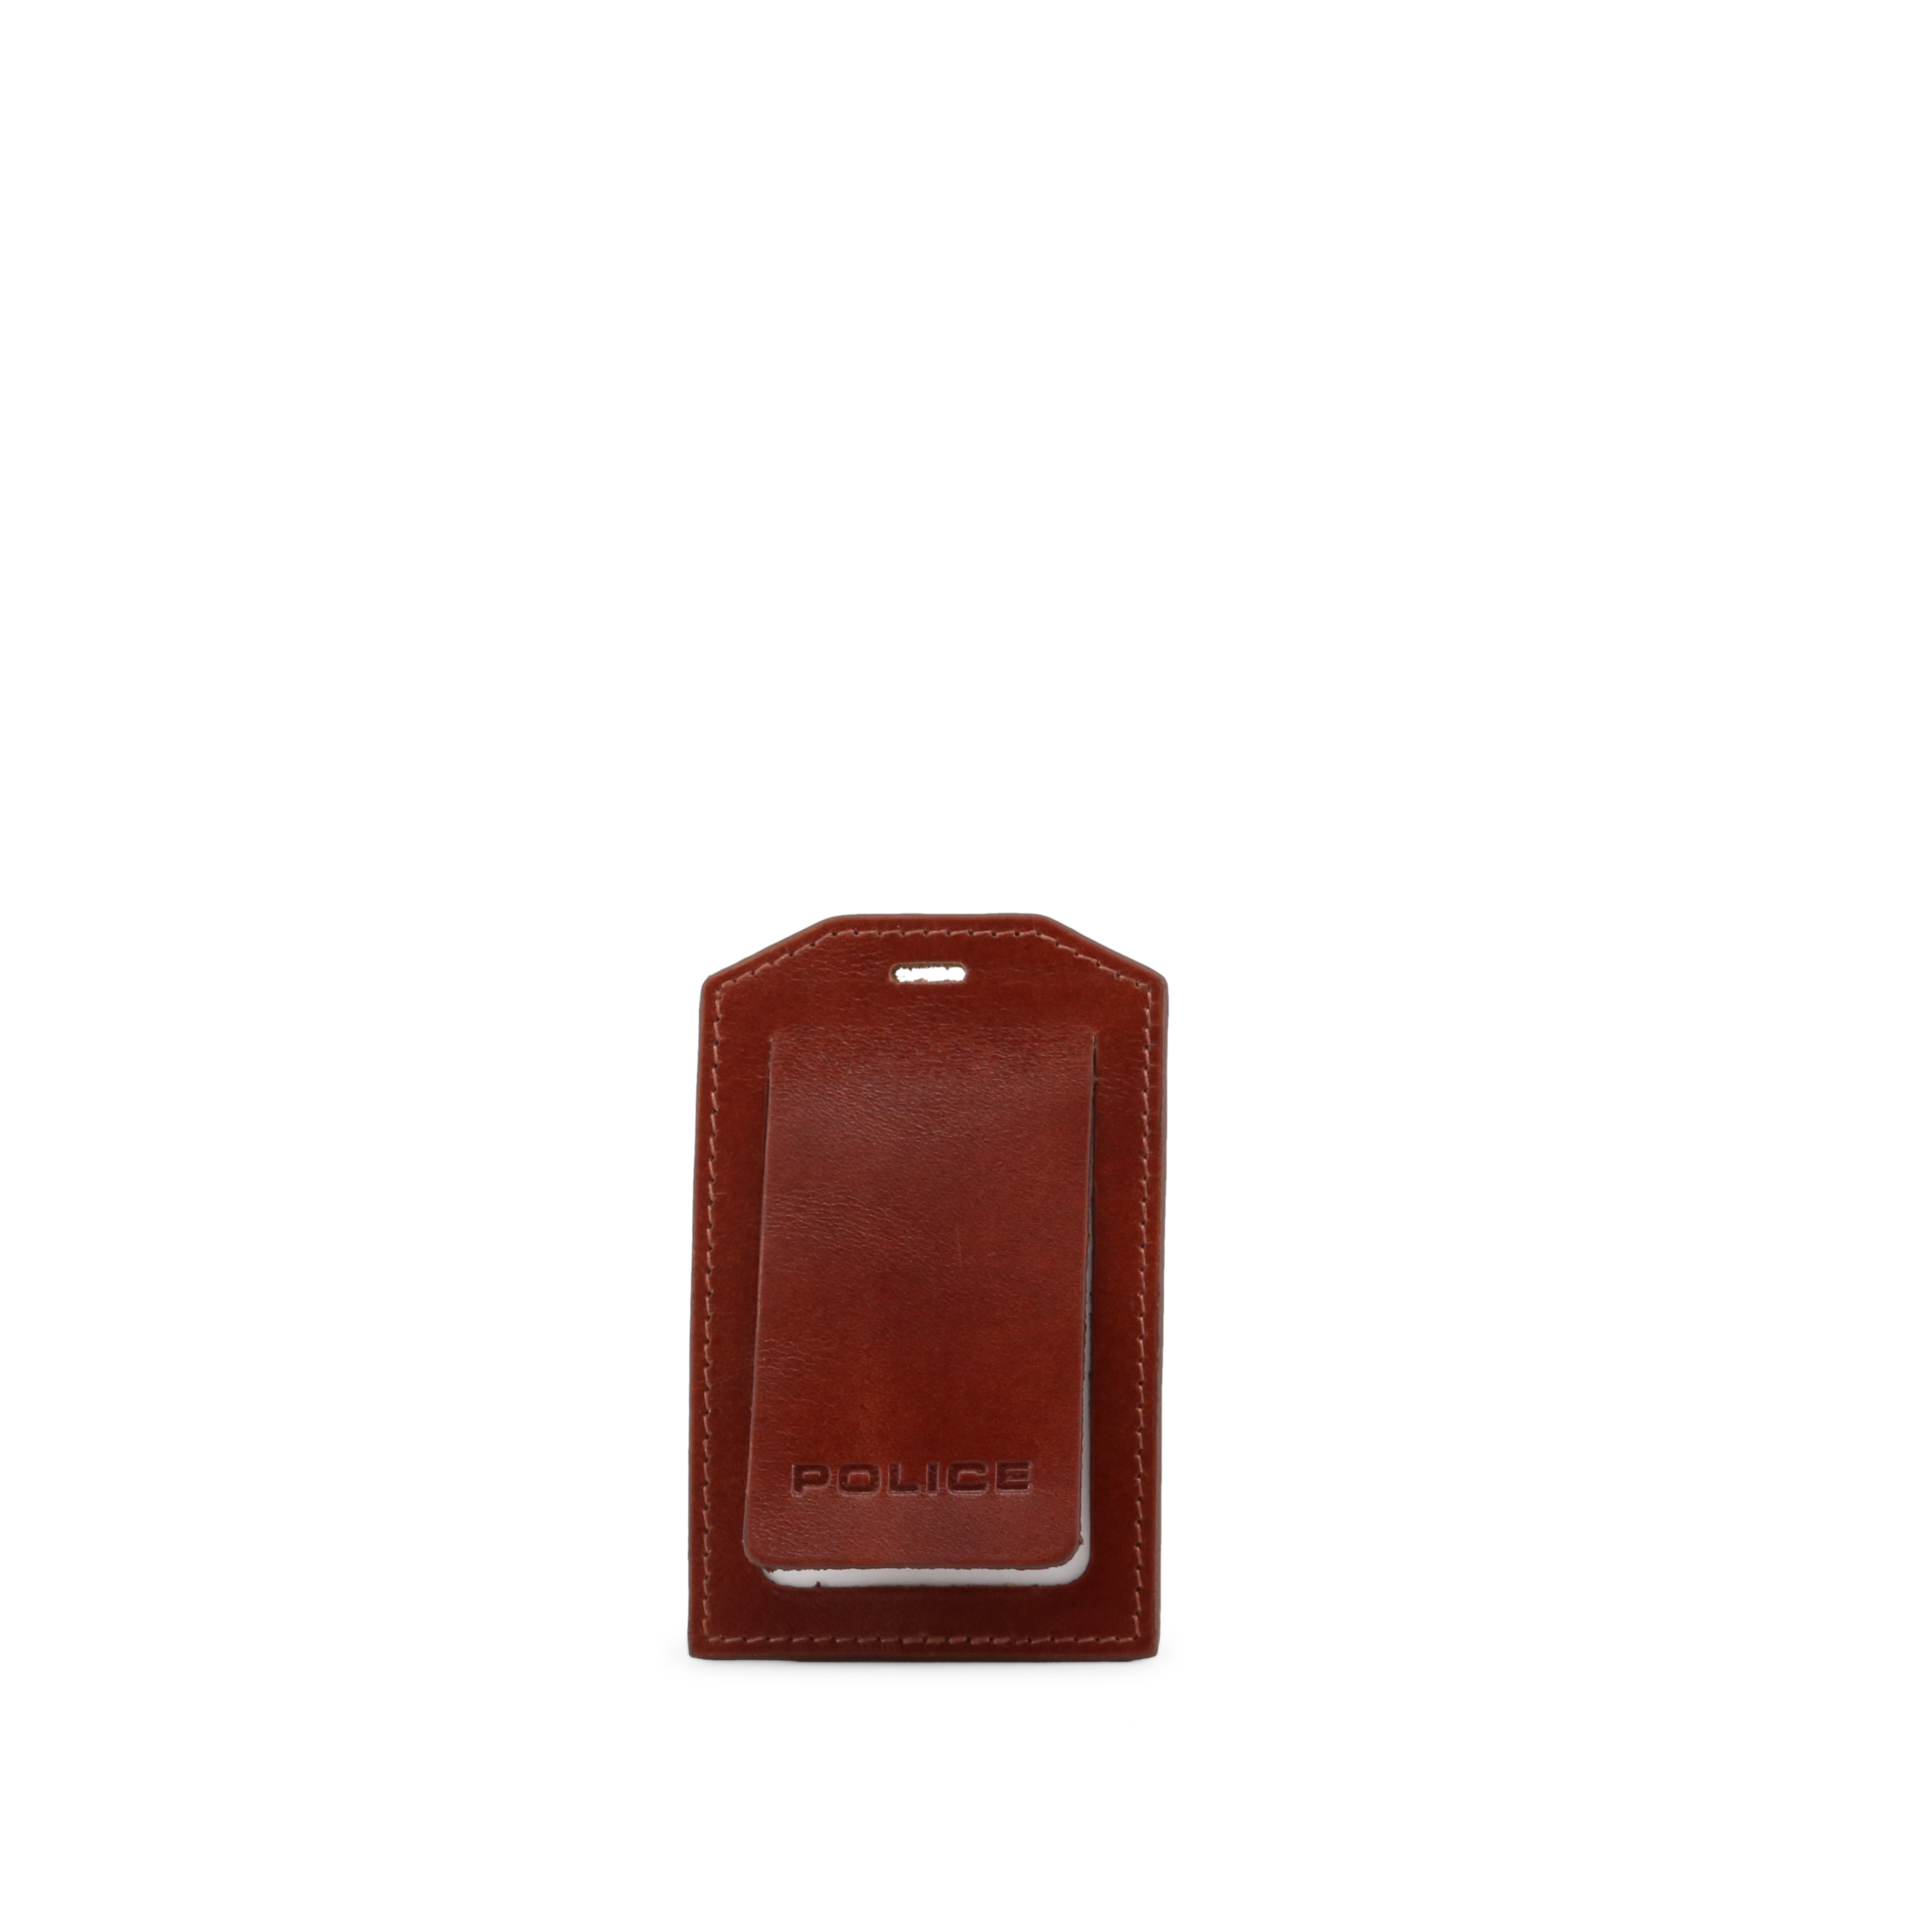 Etichette bagaglio Police PT498682 Unisex Marrone 96663